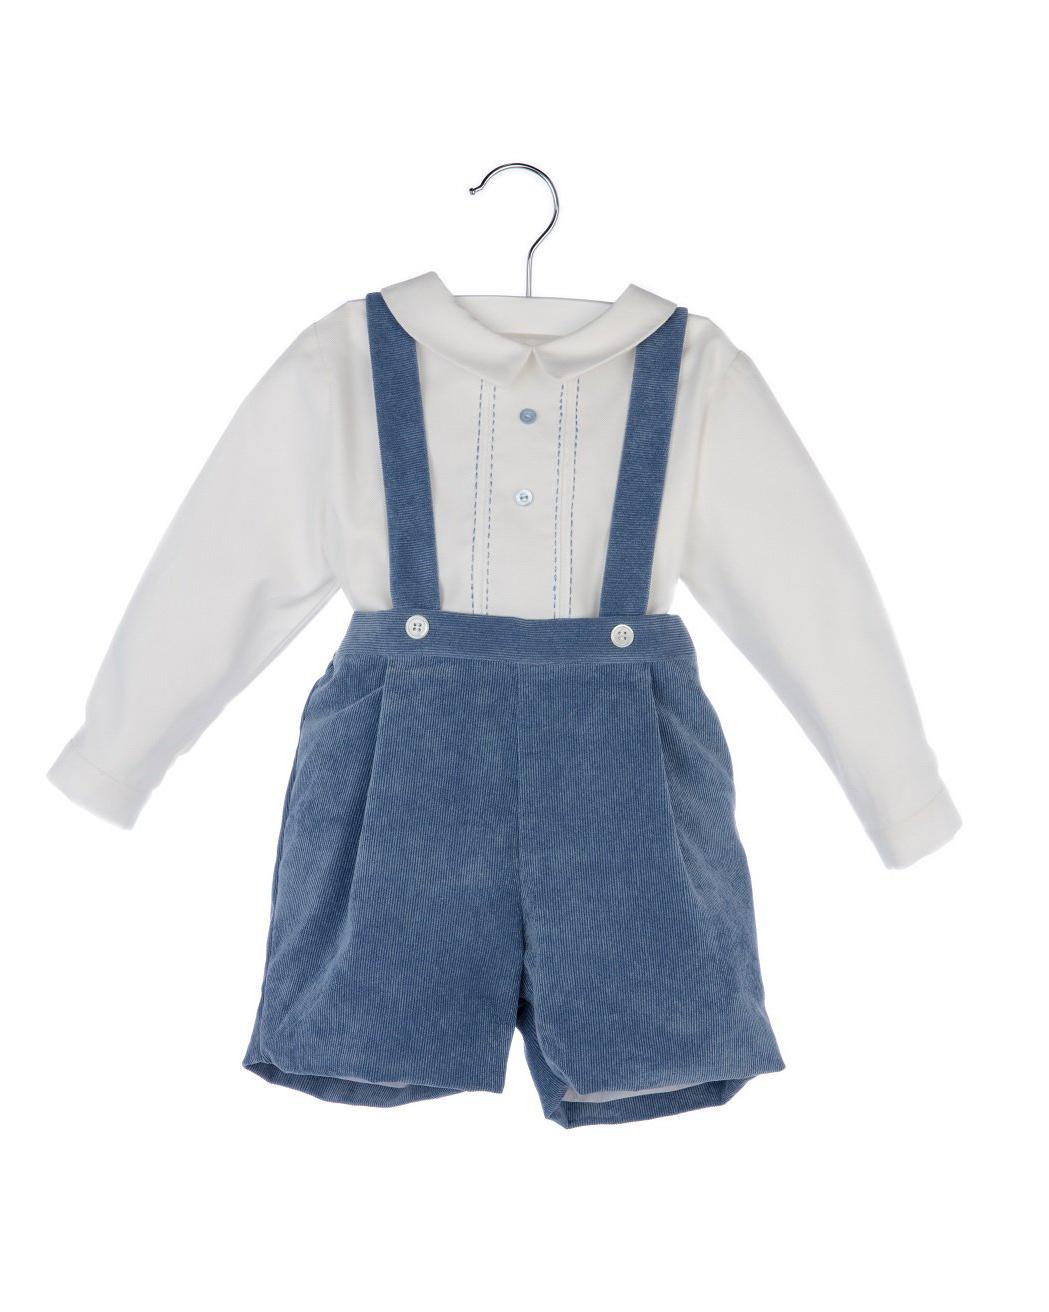 Blue Corduroy Suspender Pants Set